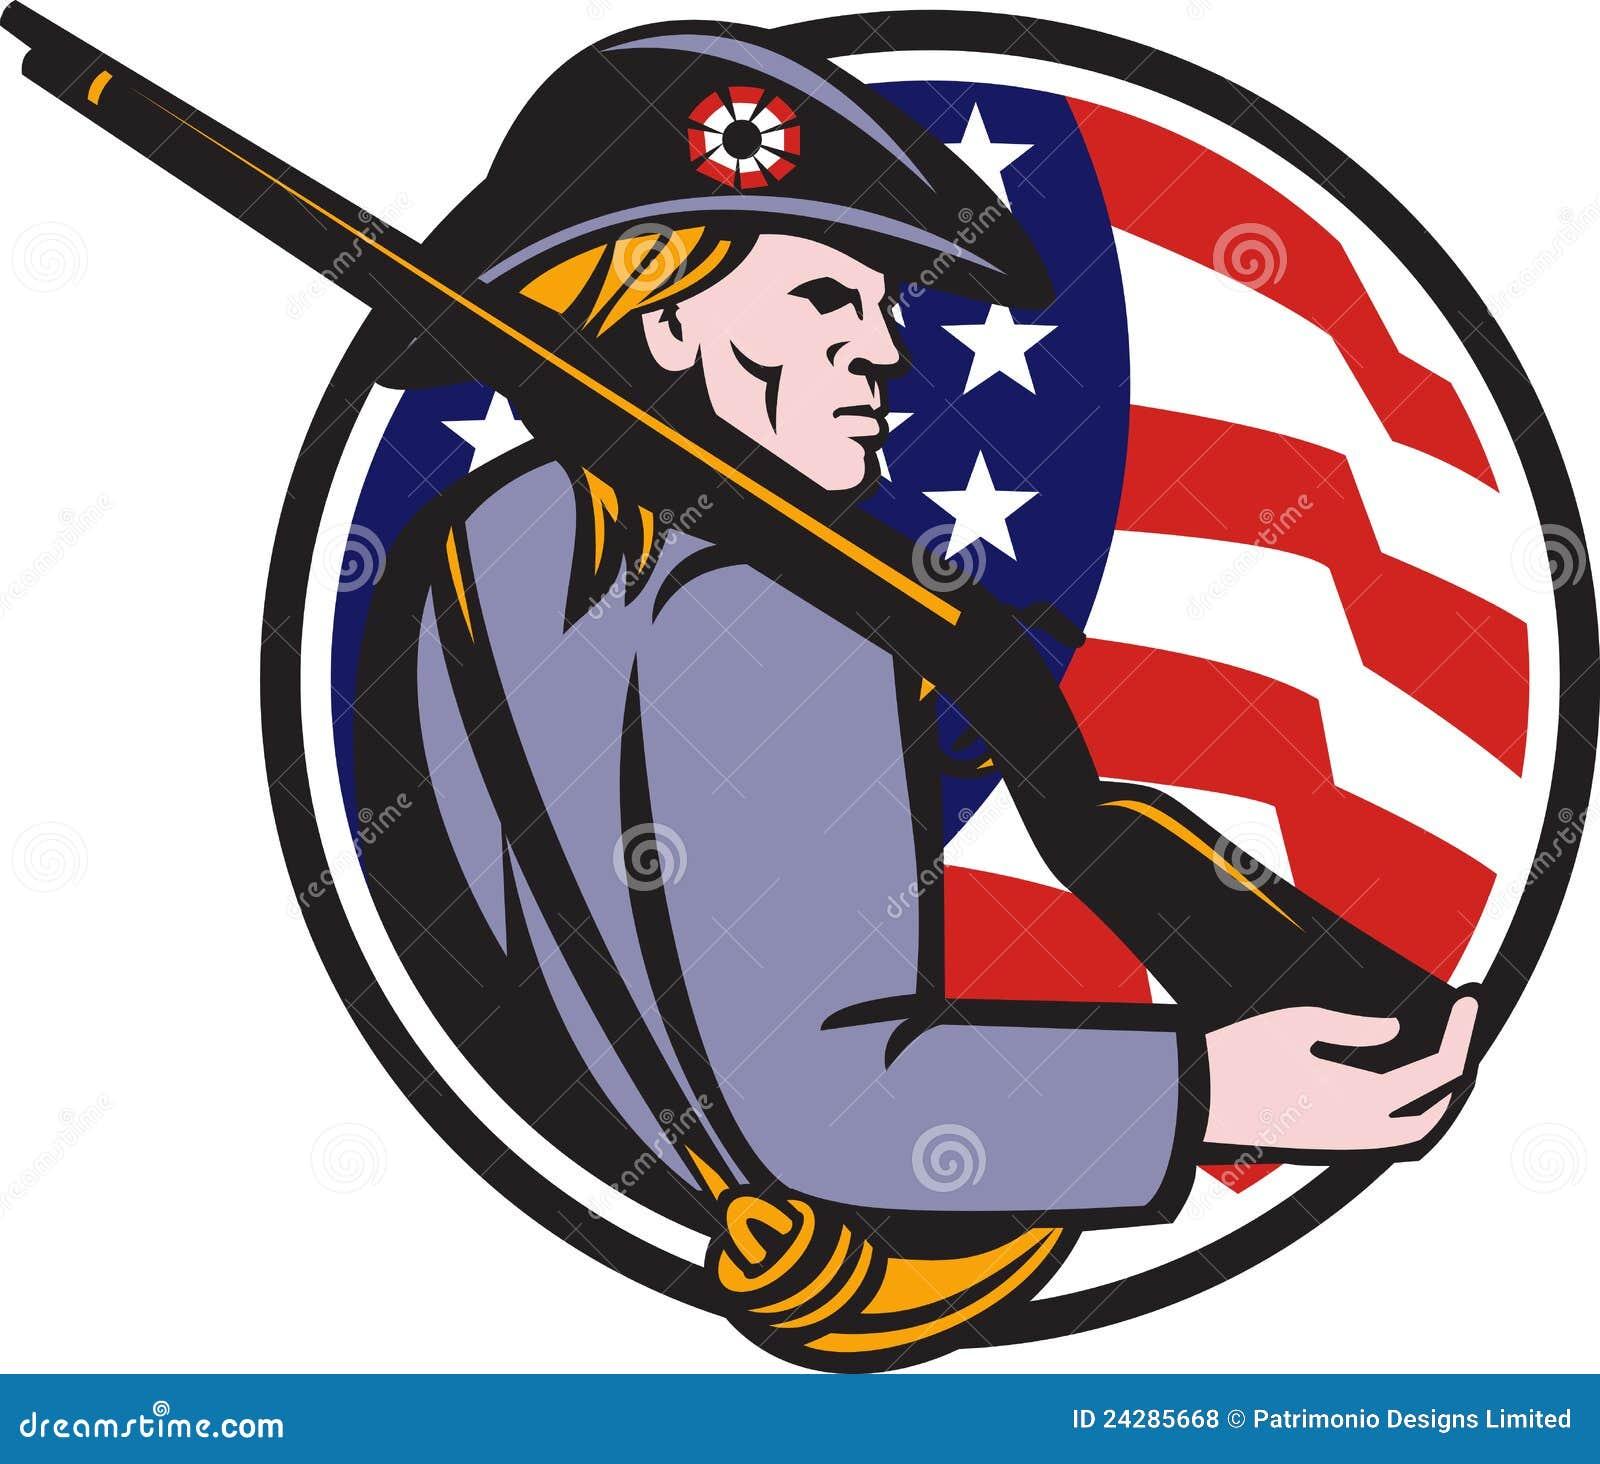 american revolution patriots flag